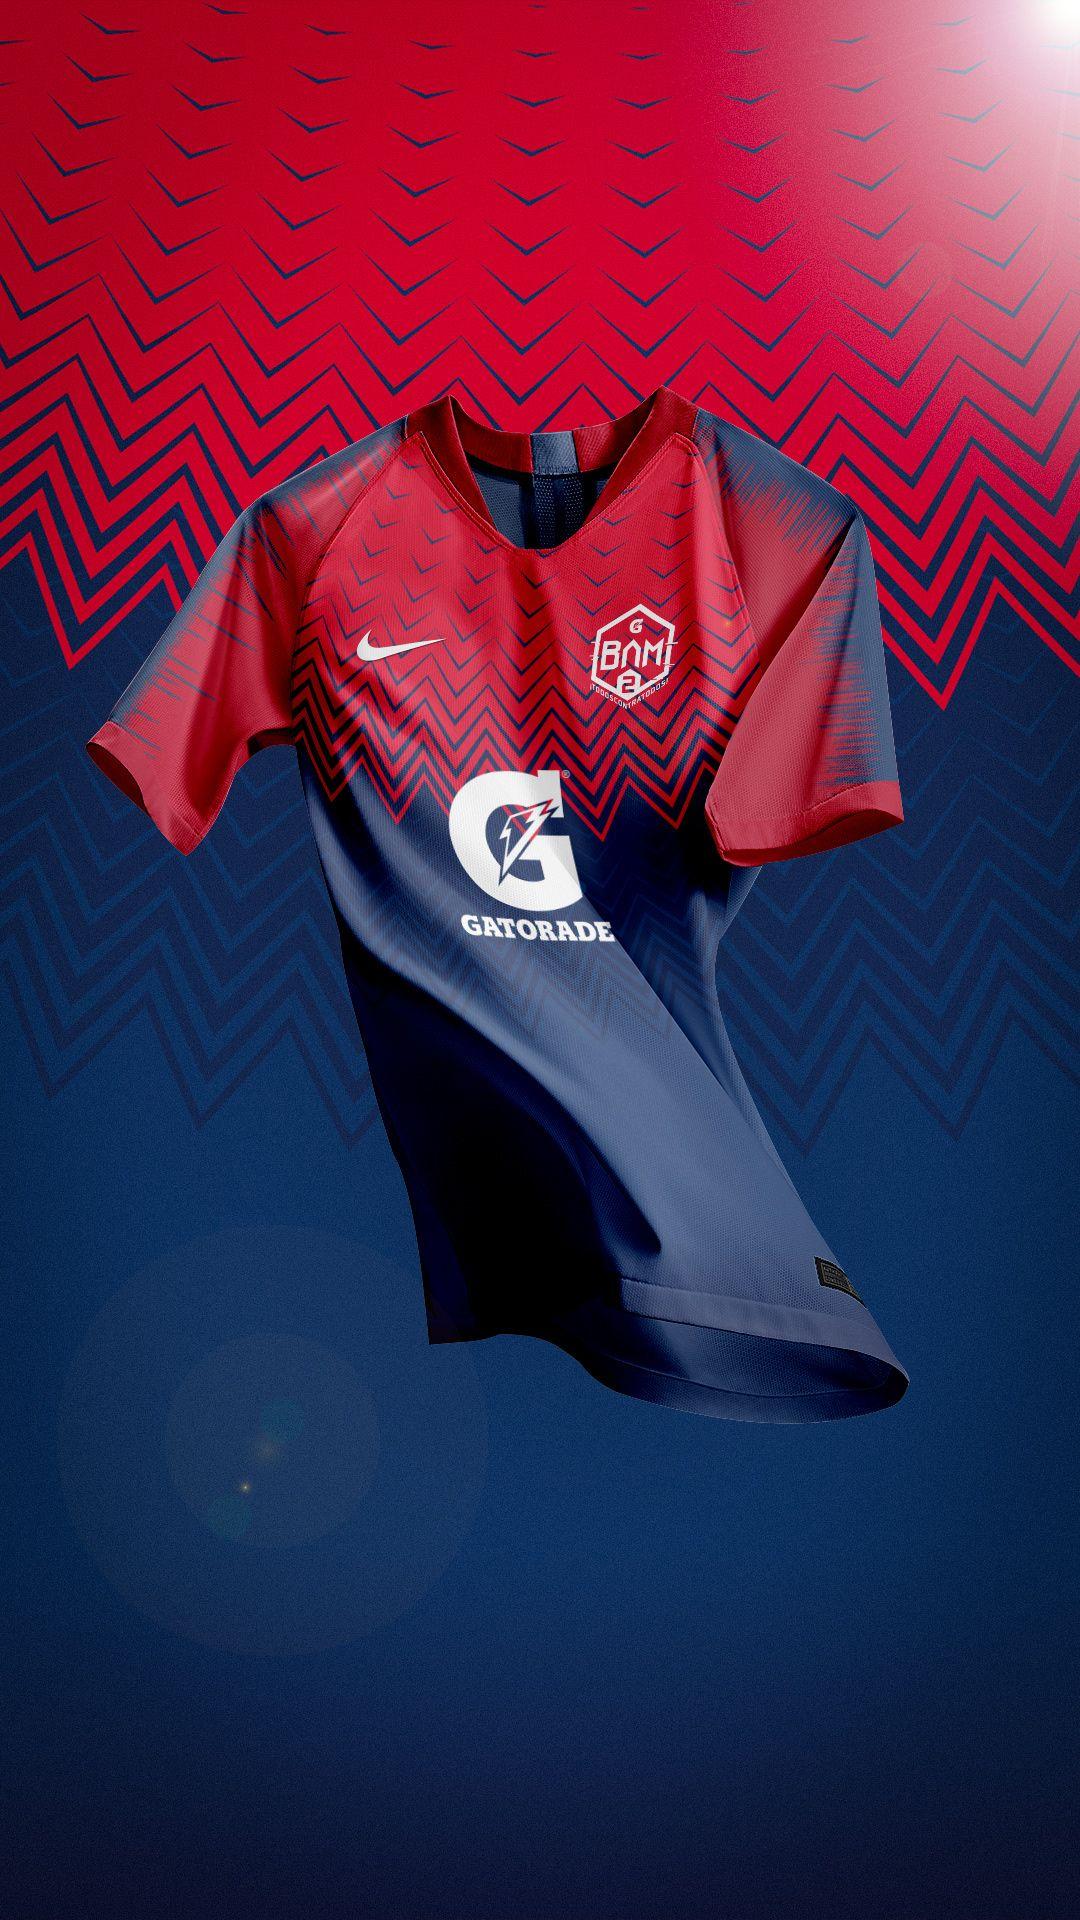 62 Ideas De Playv Camisetas Deportivas Uniformes De Futbol Camisetas